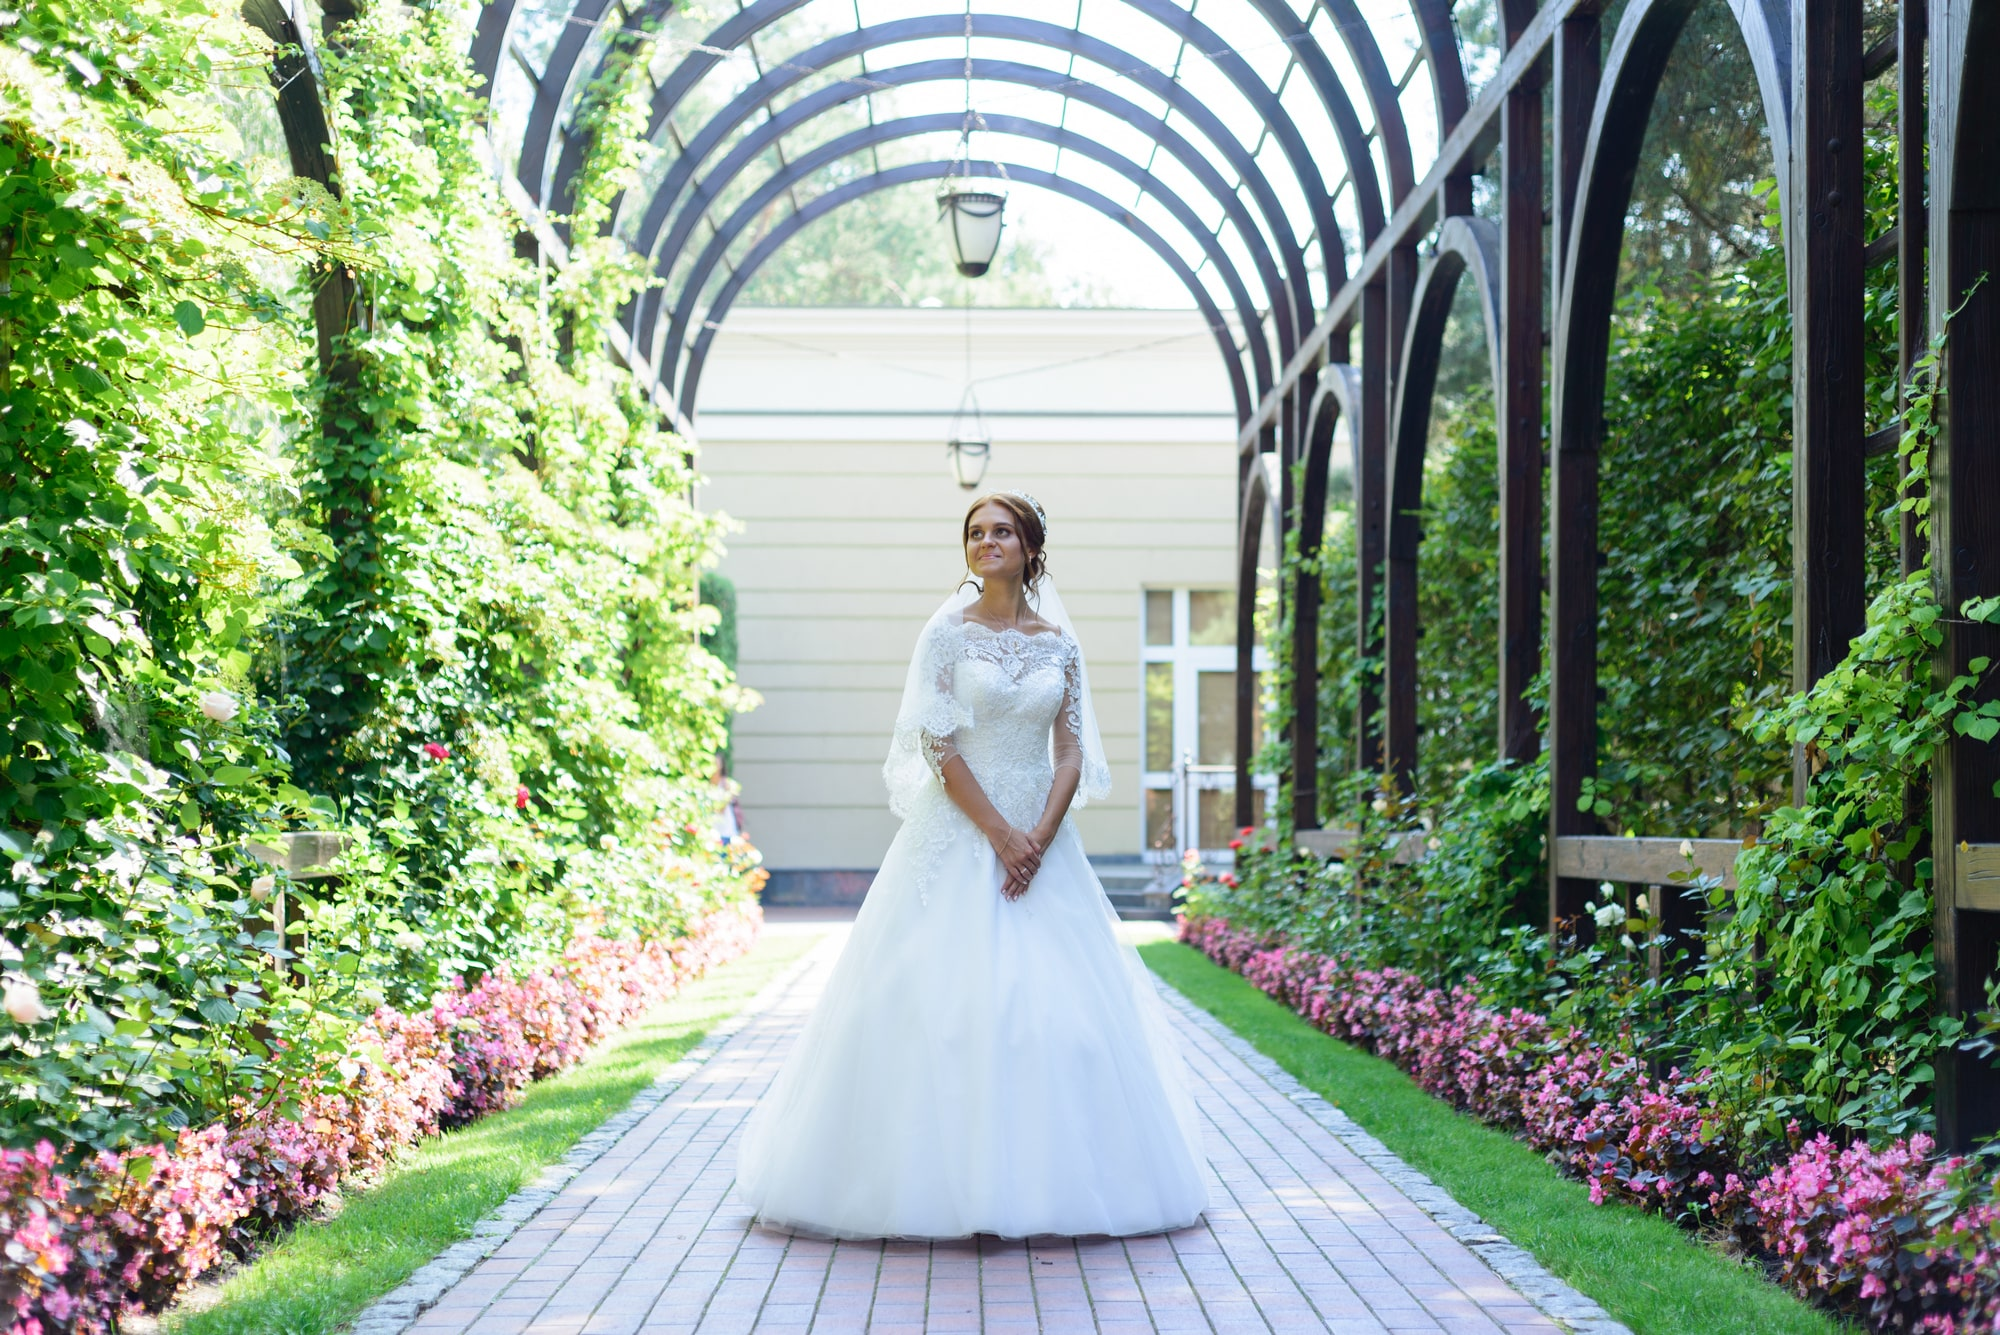 Свадебная фотосъемка в Межигорье - невеста в тени алеи